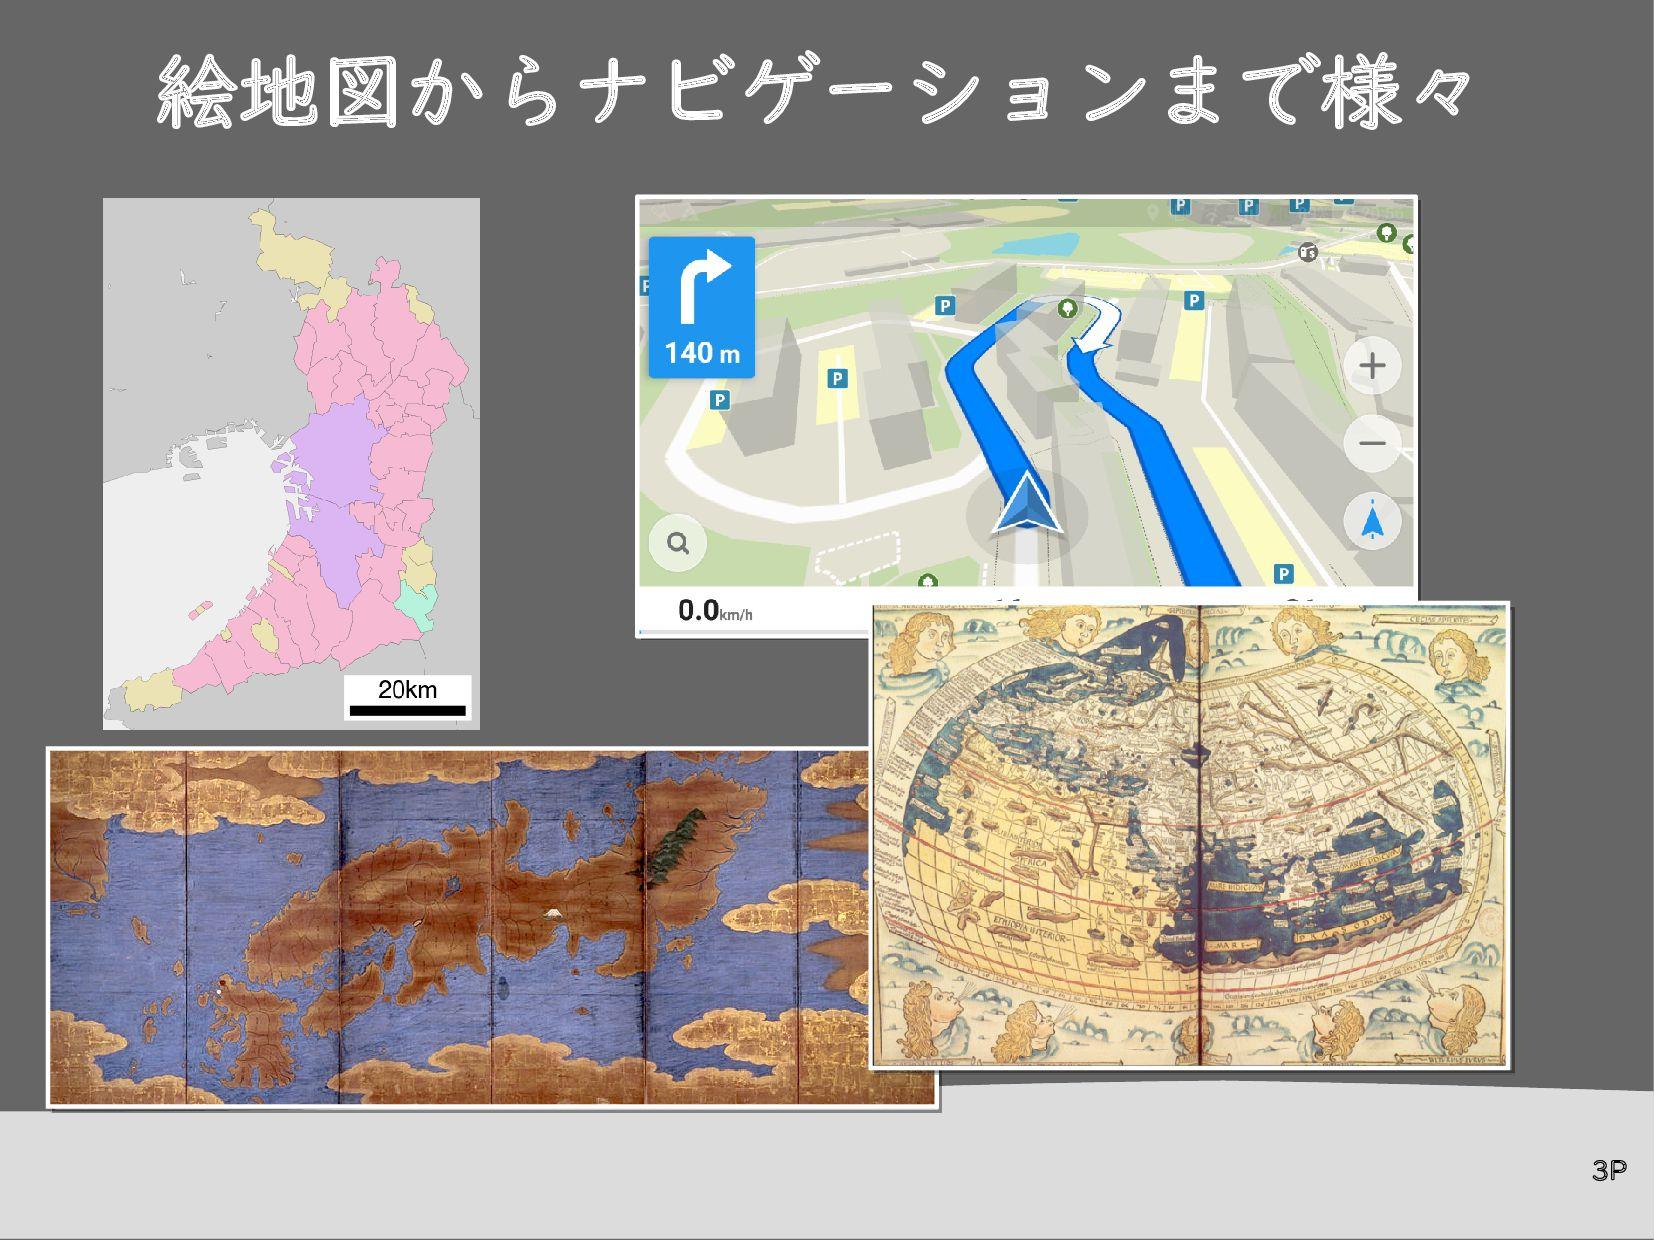 絵地図からナビゲーションまで様々 P.3 Wikimedia commons ja: 利用者:...